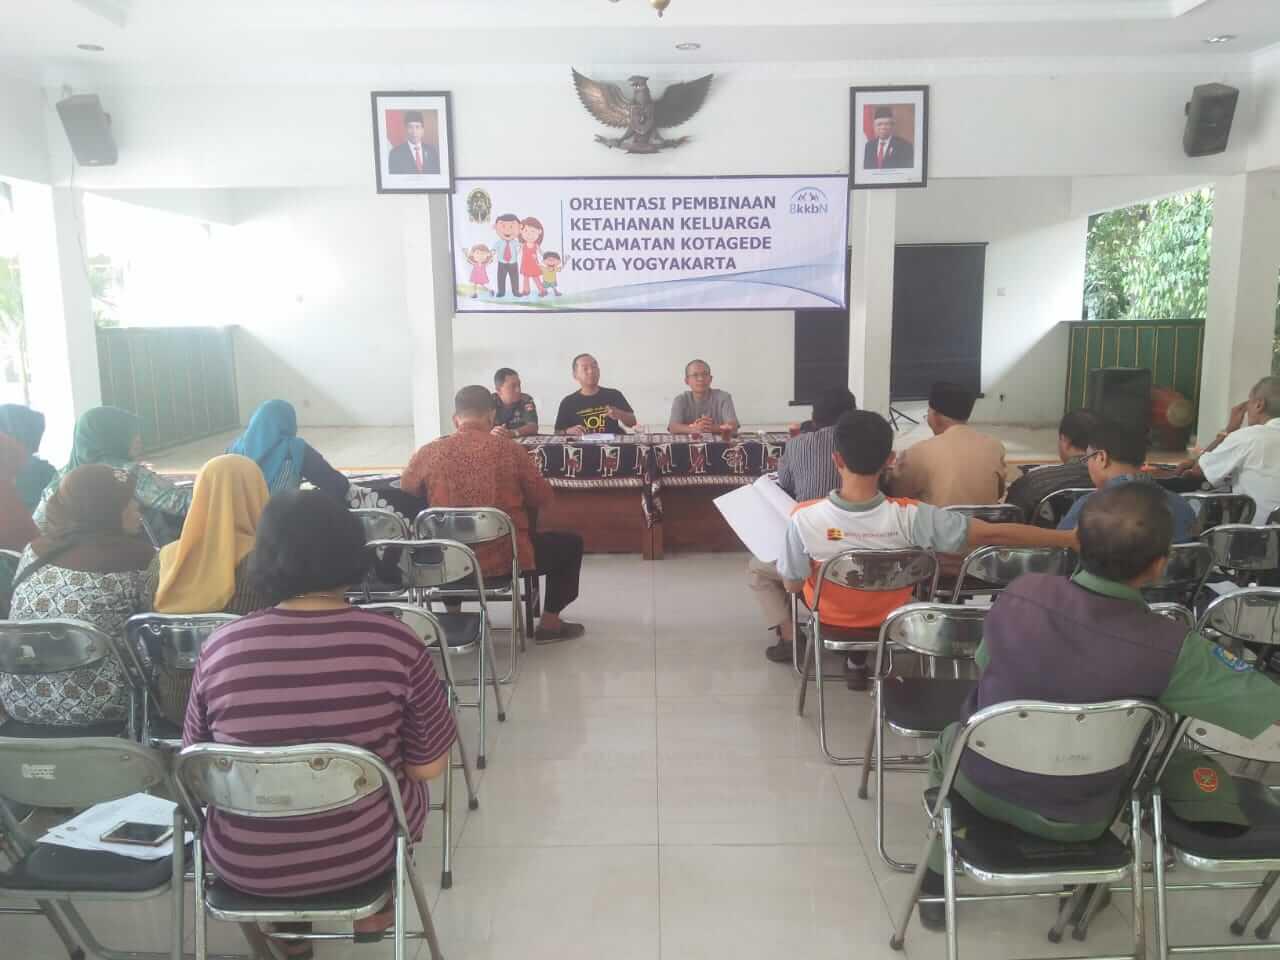 orientasi ketahanan keluarga kecamatan kotagede yogyakarta